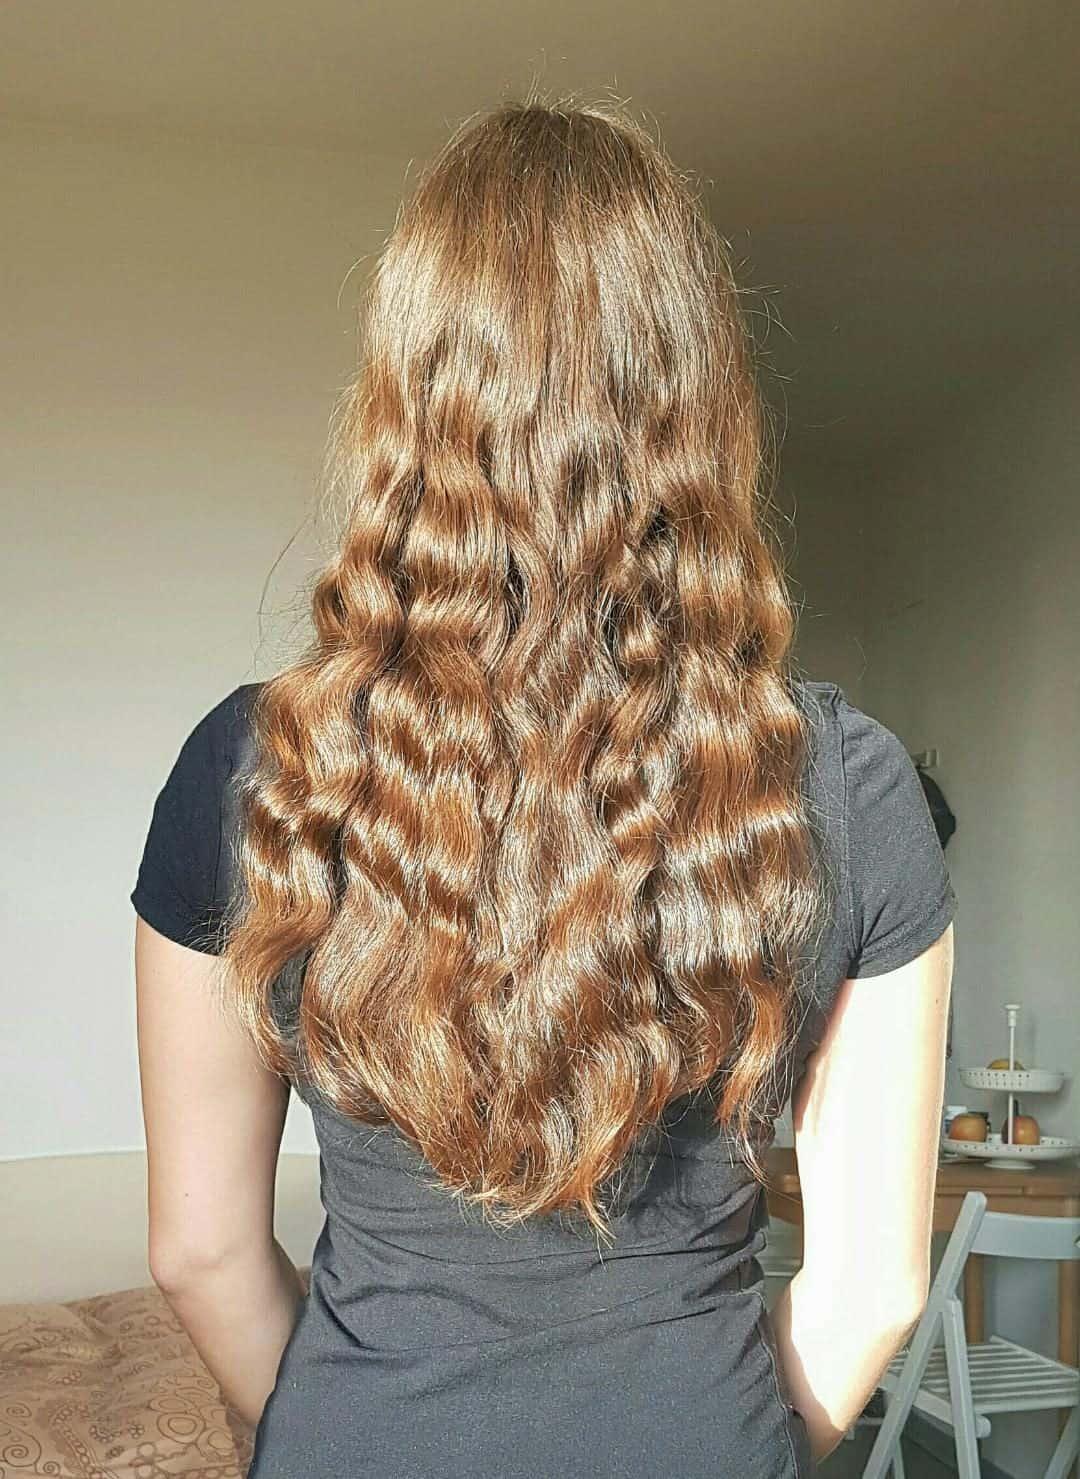 Hair of Anna